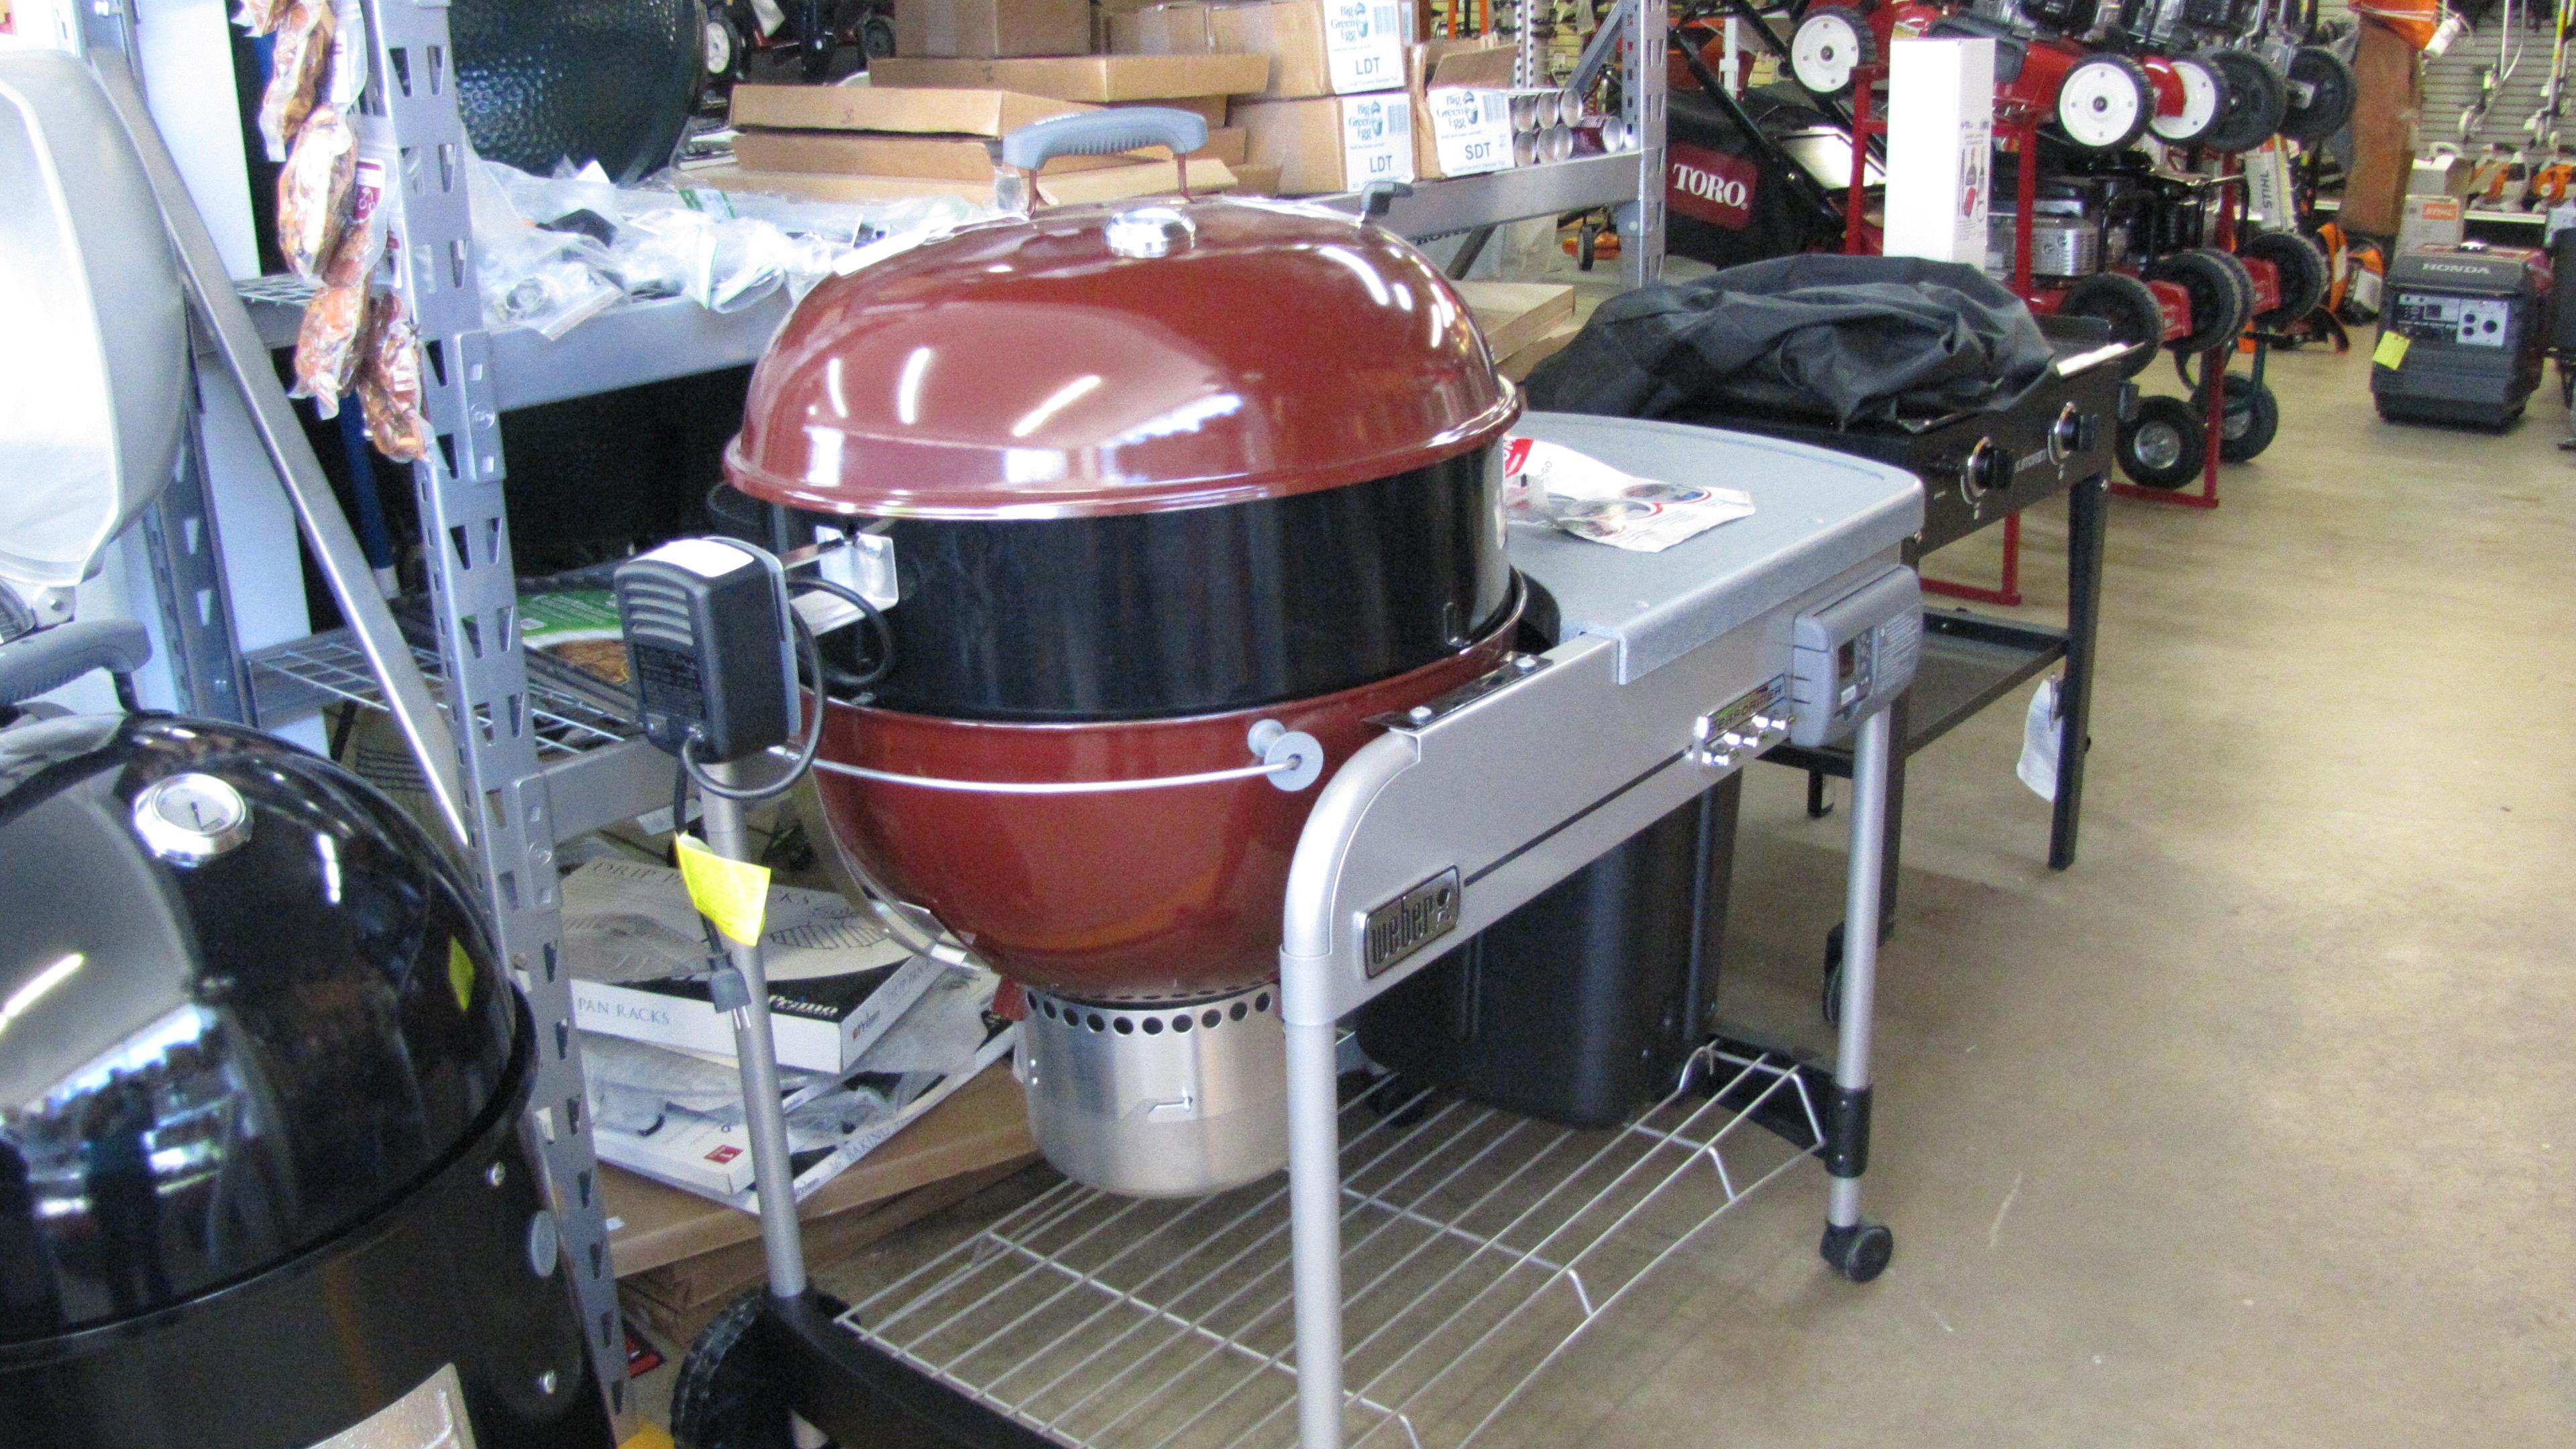 Weber barbecues en accessoires kopen  BBQwinQel